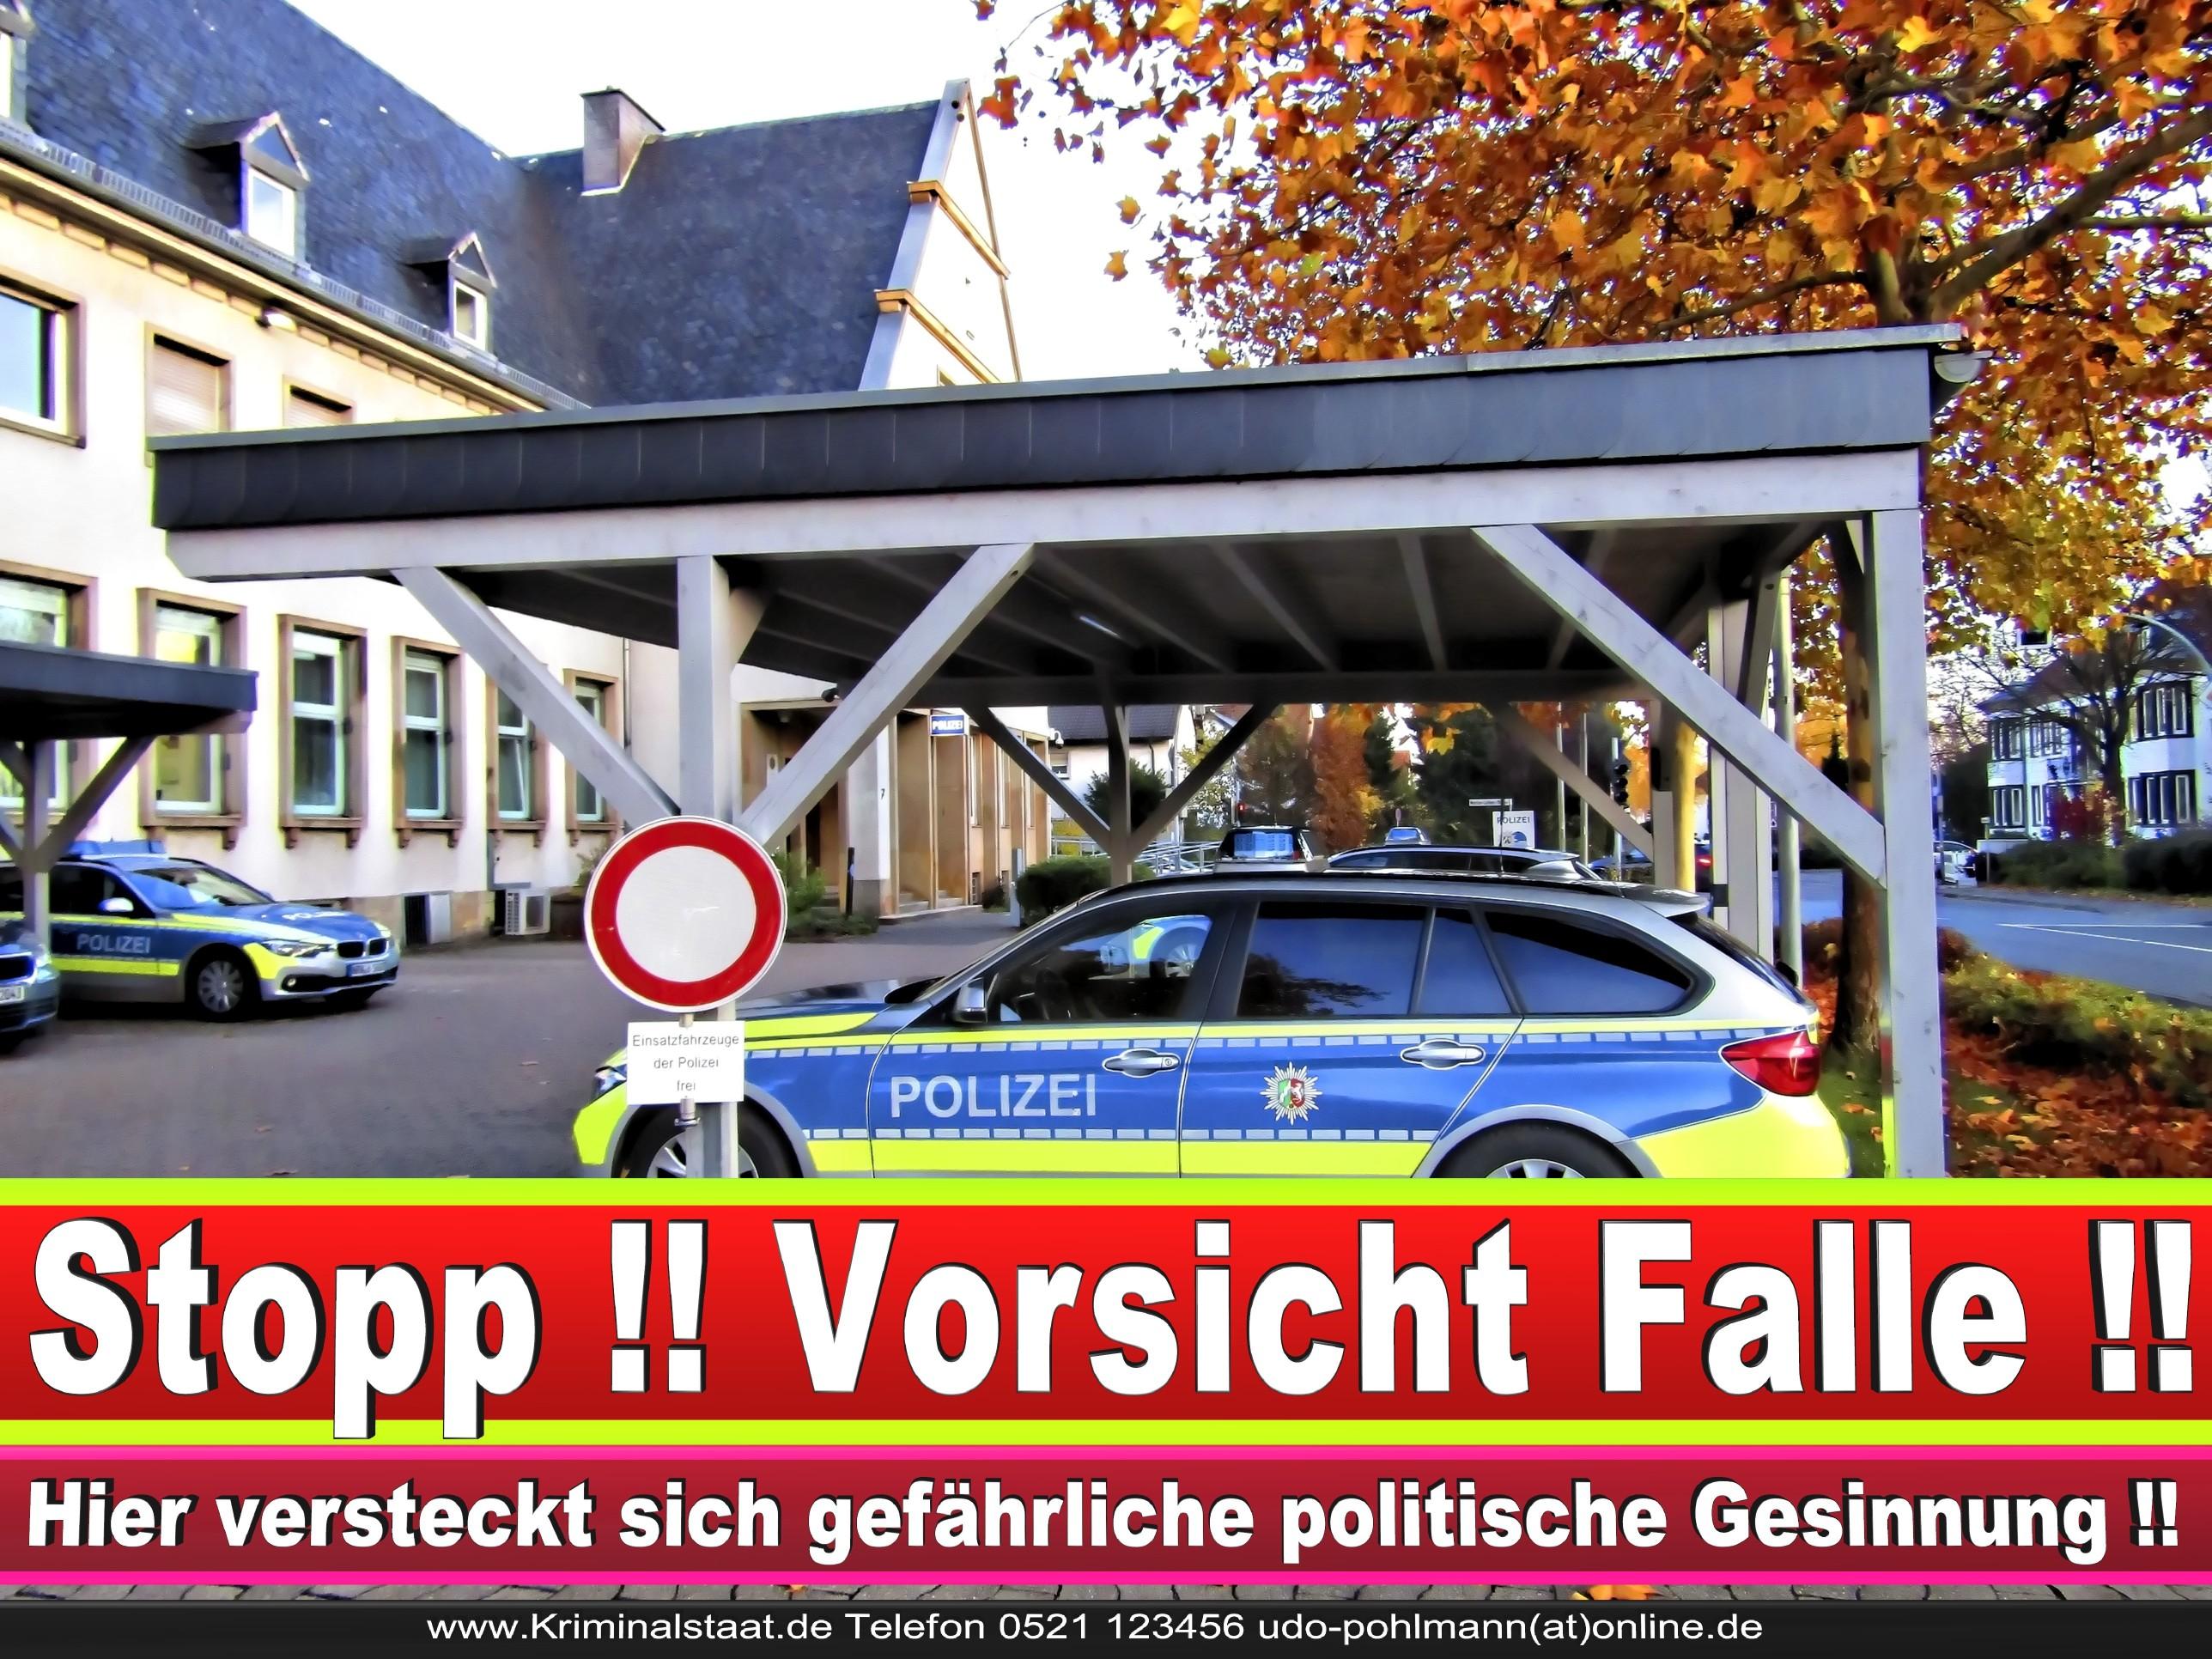 Polizei Halle Westfalen Kättkenstraße 7 33790 Halle Westfalen 8